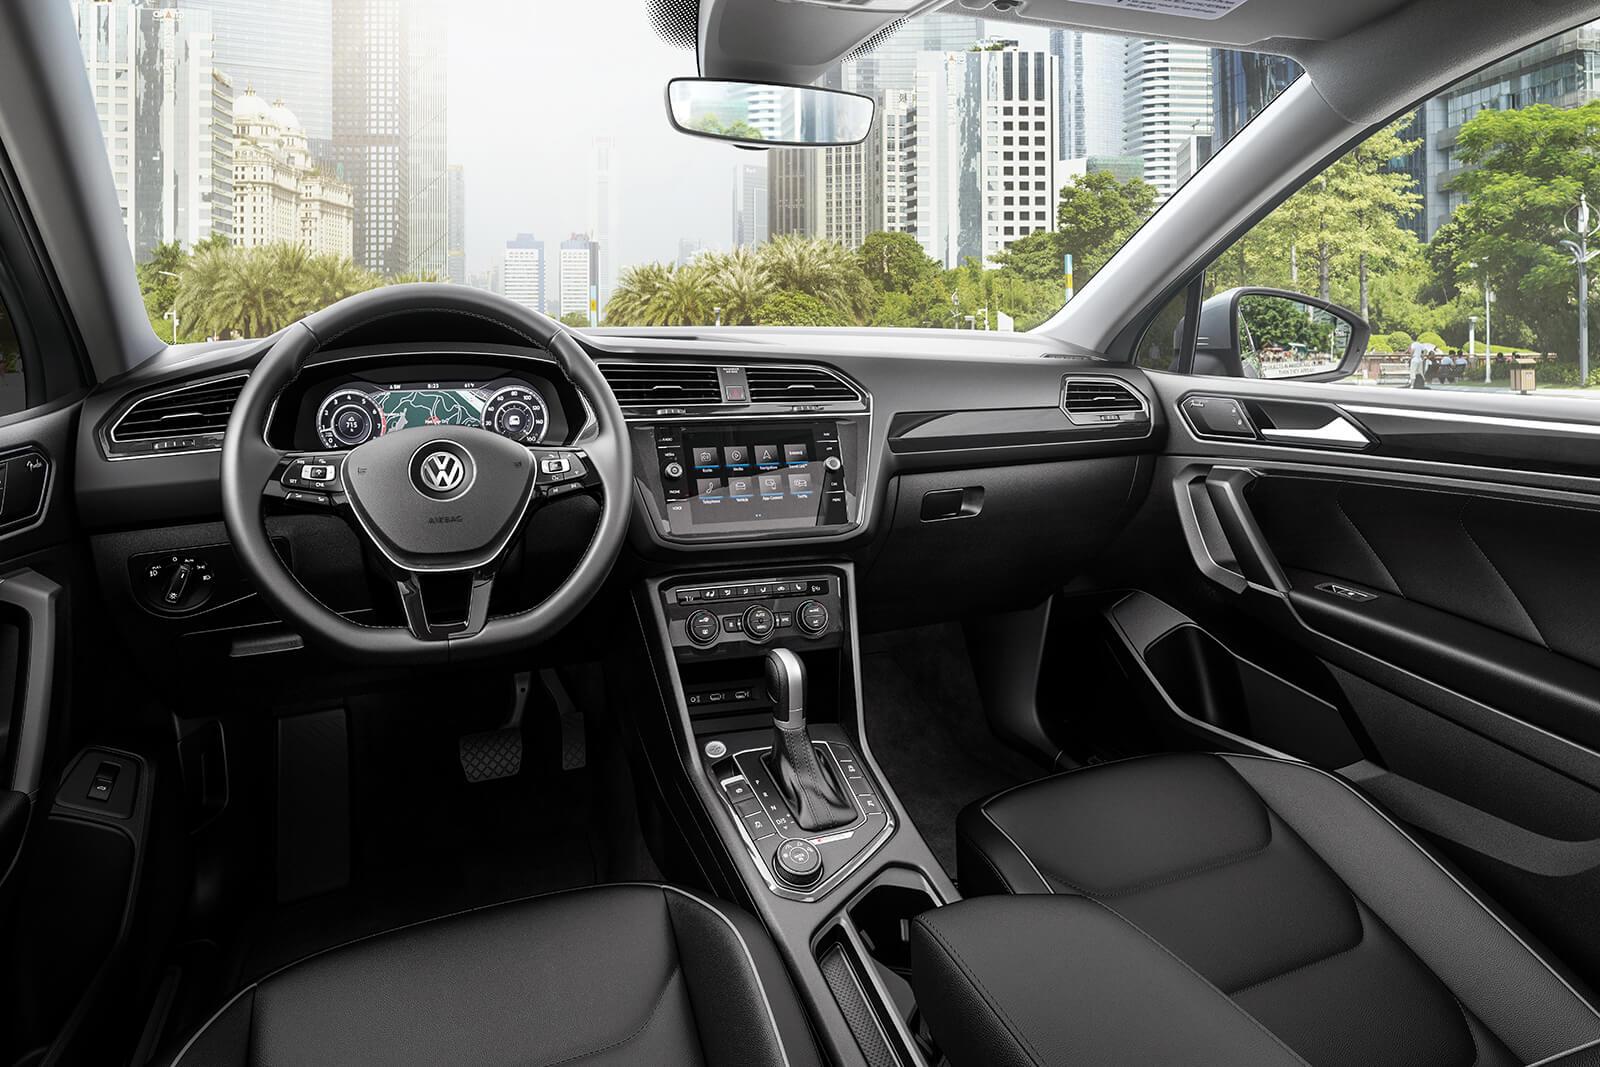 Interior of the 2019 Volkswagen Tiguan